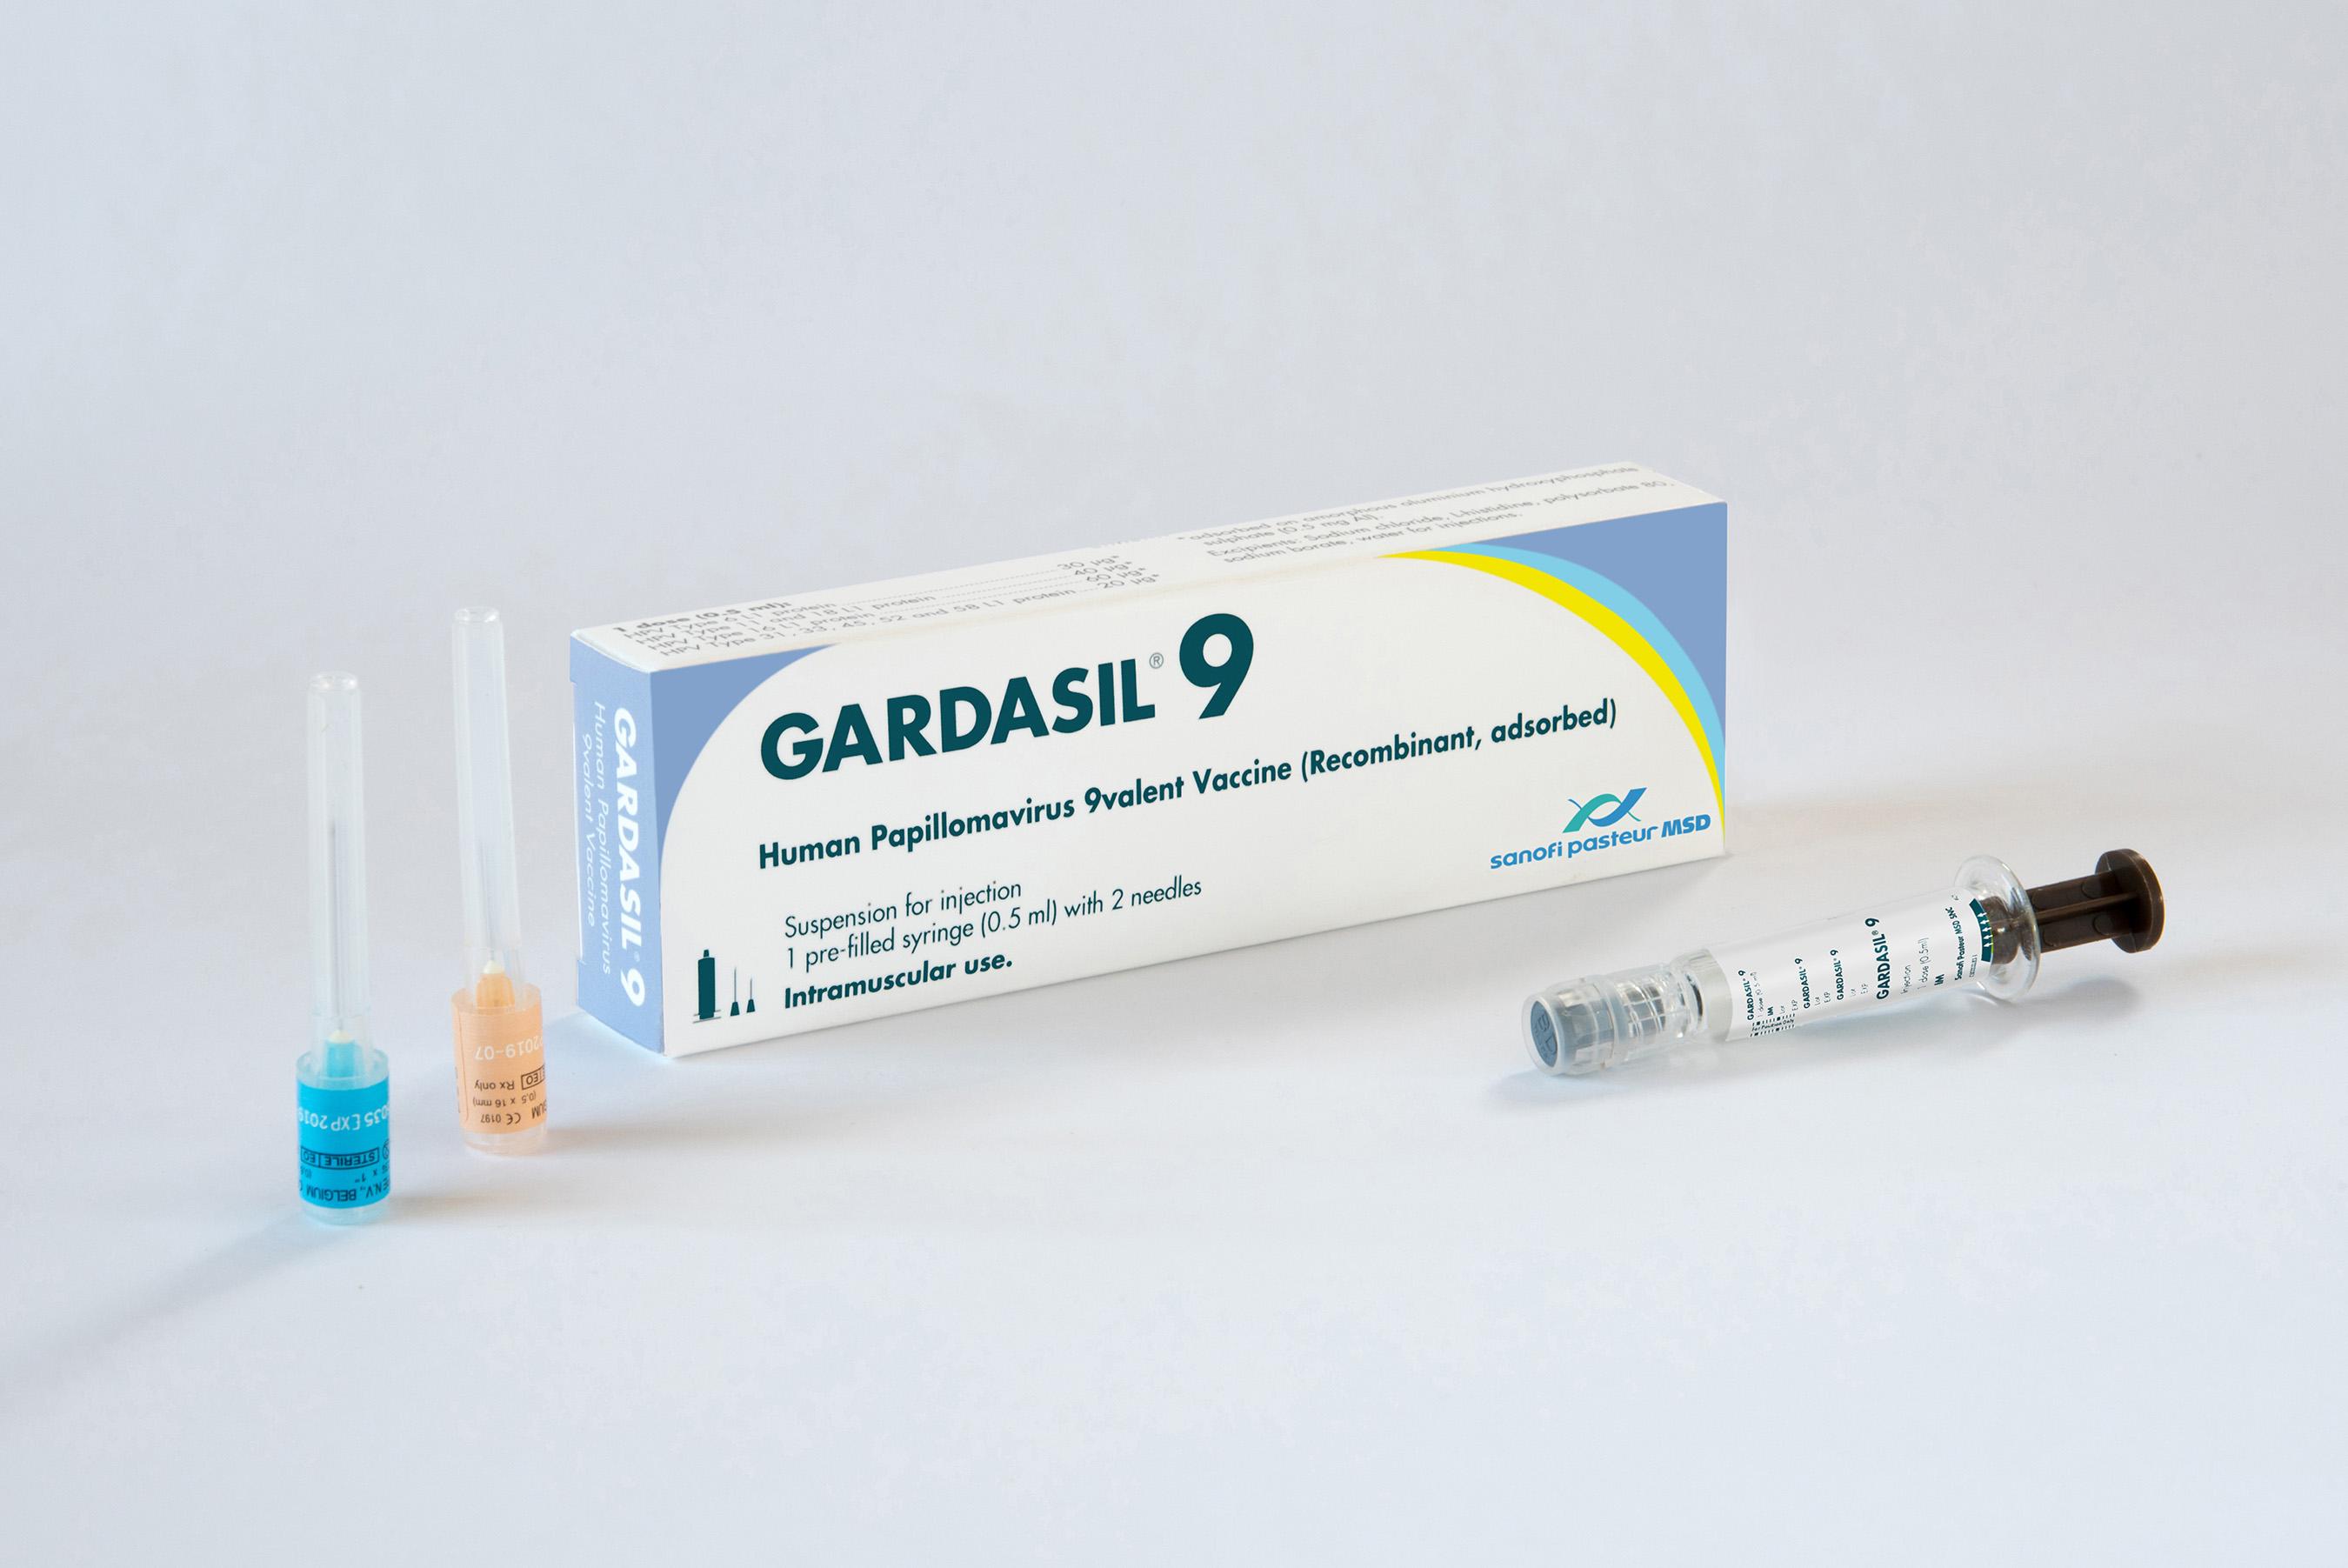 препарат Гардасил 9